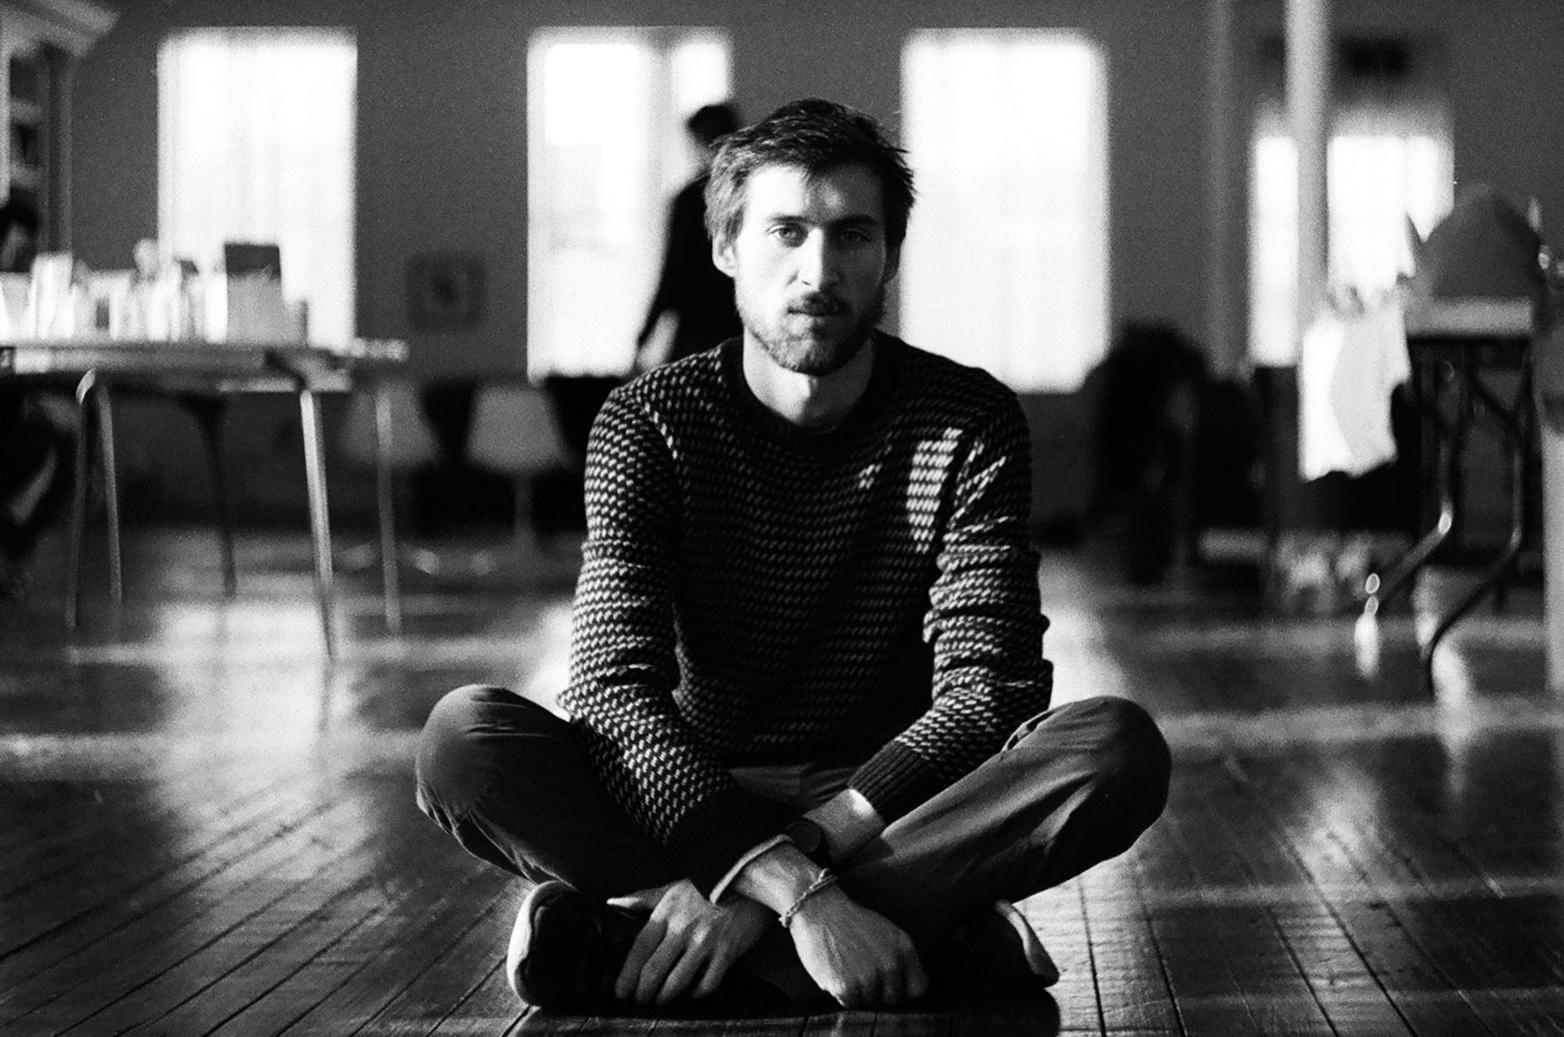 Guillaume Caron